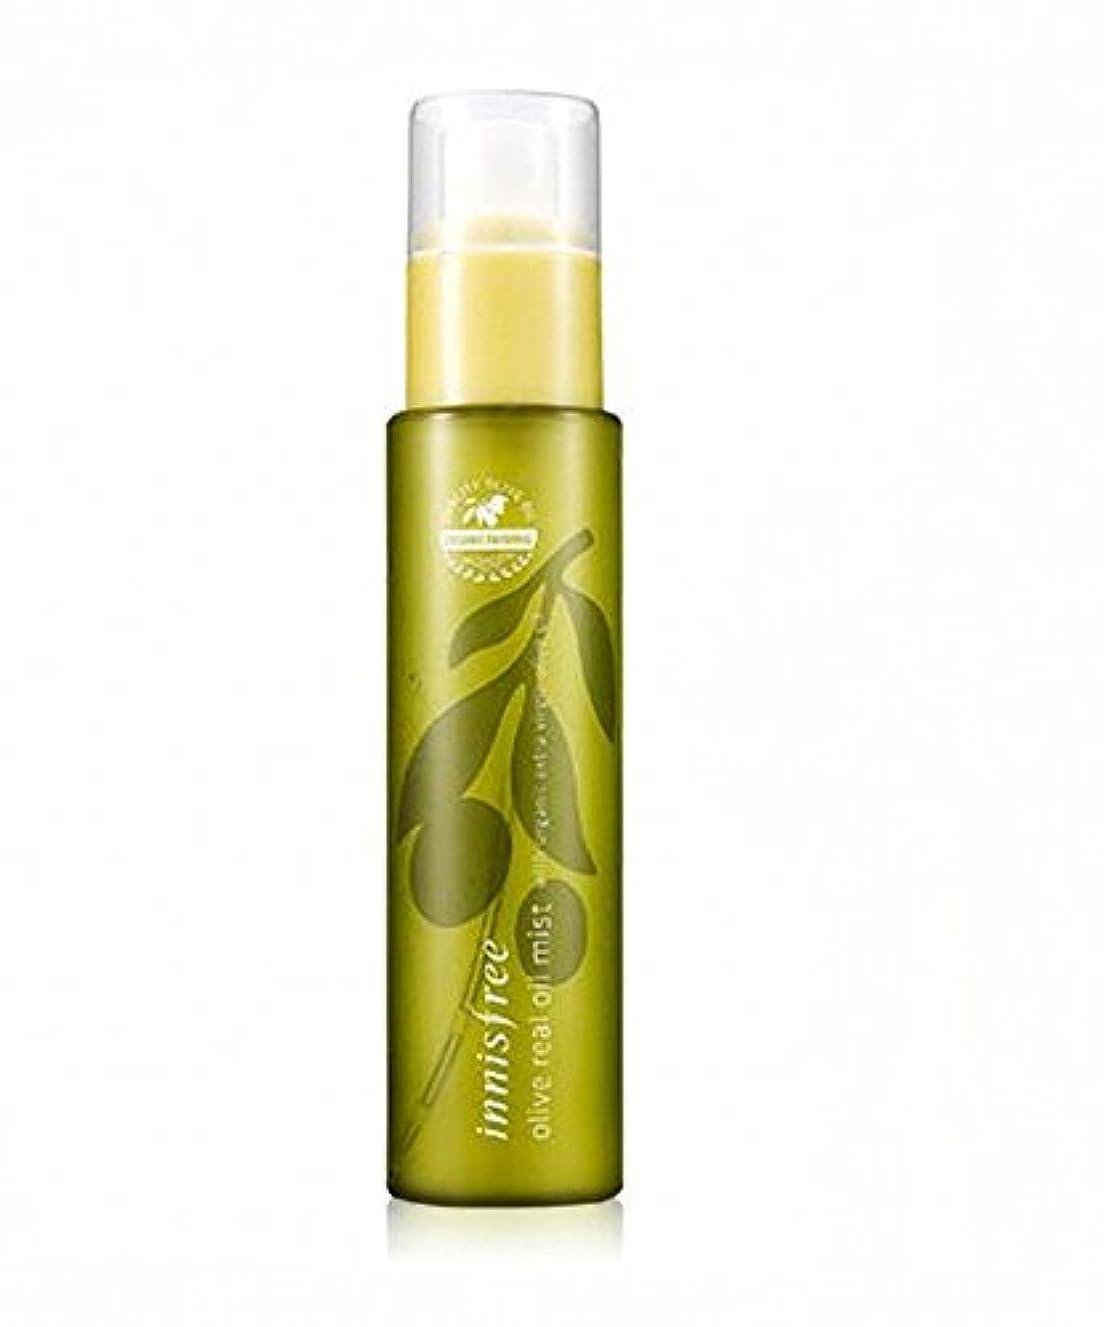 丁寧サンダー行き当たりばったりイニスフリー Innisfree オリーブ リアル オイル ミスト(80ml) Innisfree Olive Real Oil Mist(80ml) [海外直送品]